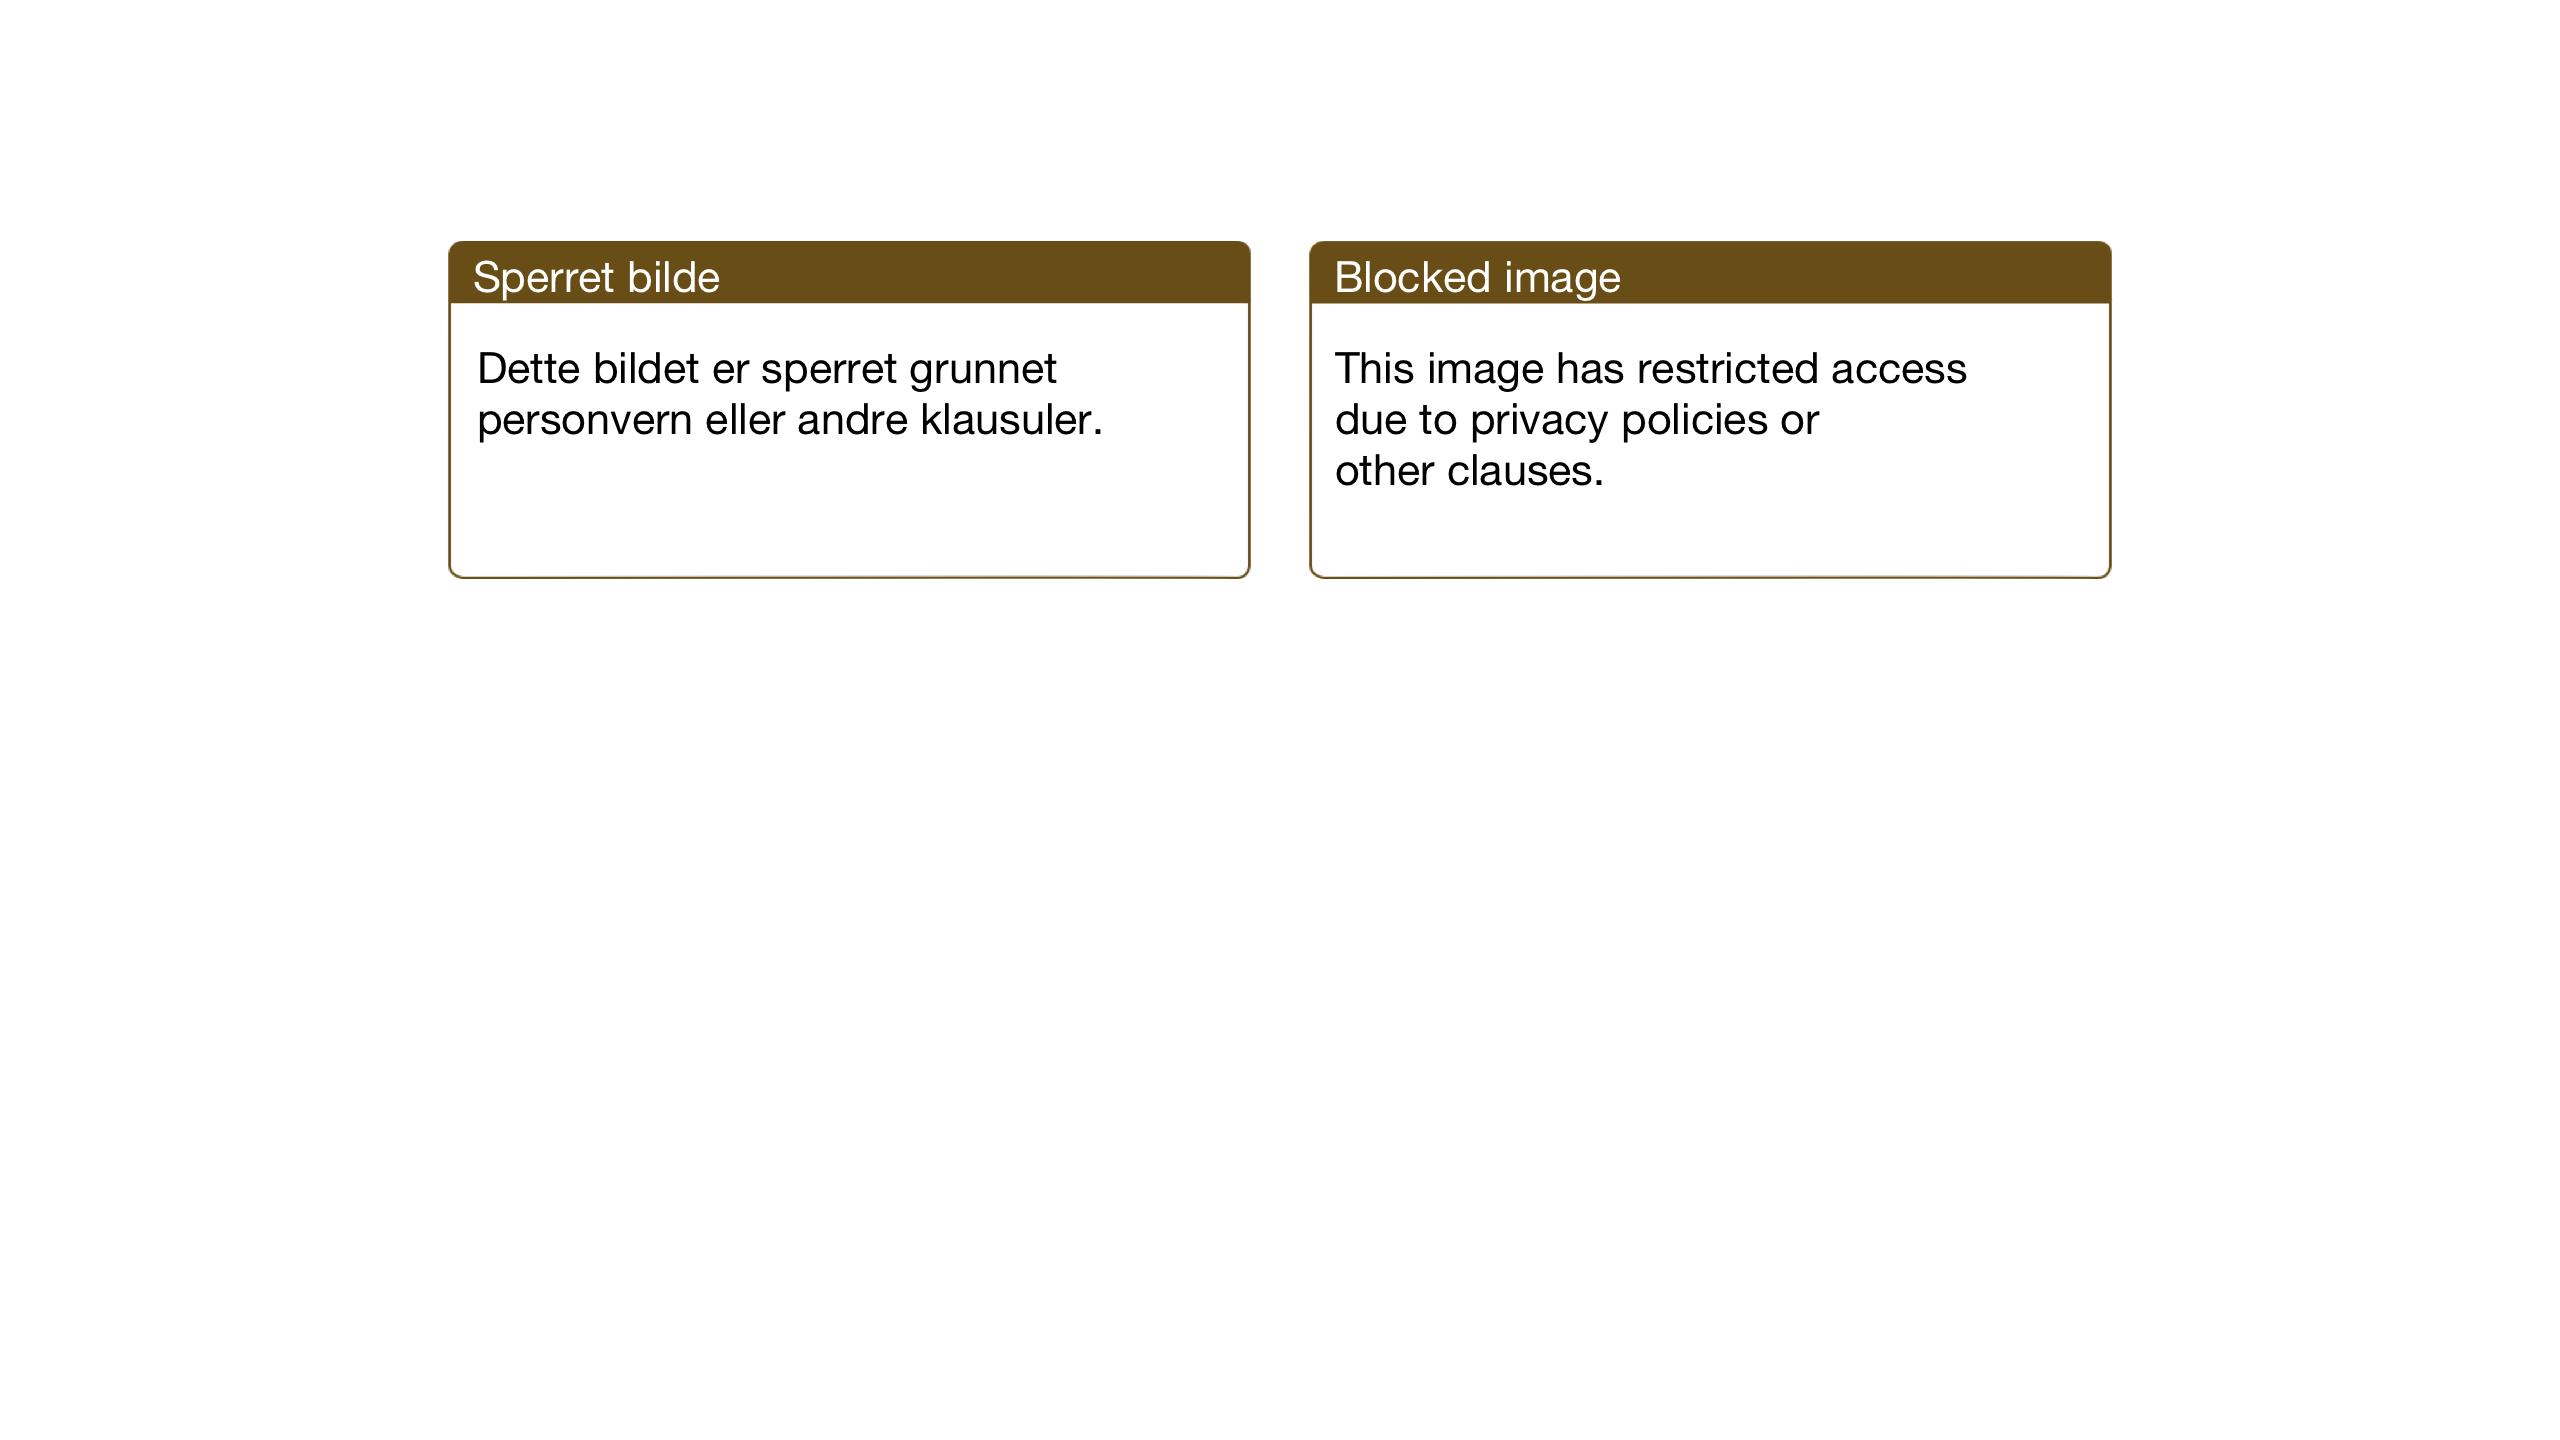 SAT, Ministerialprotokoller, klokkerbøker og fødselsregistre - Nord-Trøndelag, 774/L0631: Klokkerbok nr. 774C02, 1934-1950, s. 141